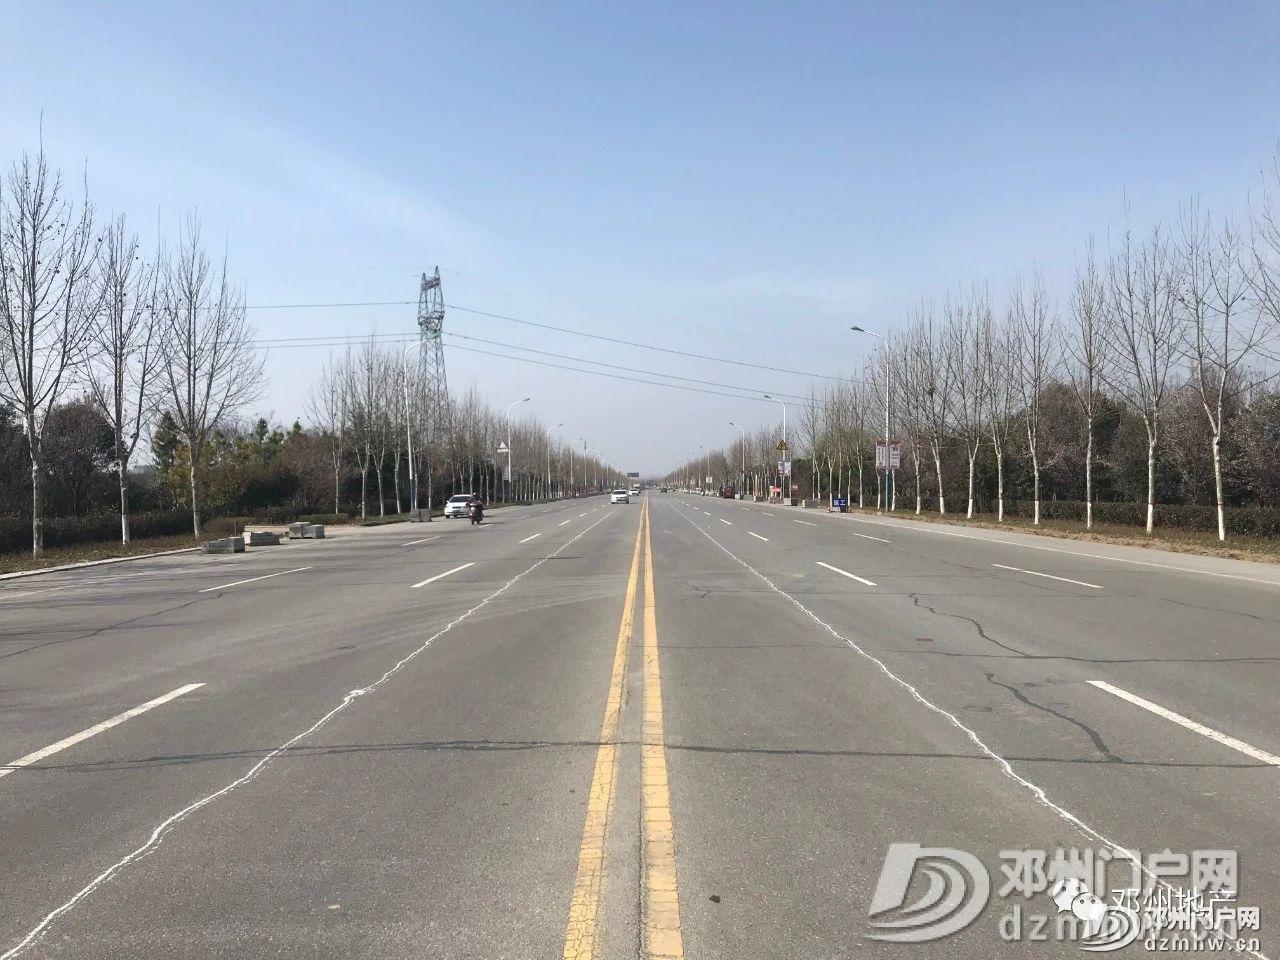 最新!关于邓州市迎宾大道改造升级,实拍来啦! - 邓州门户网|邓州网 - 3f76adb2f1a3e8cbba220da0255ed231.jpg